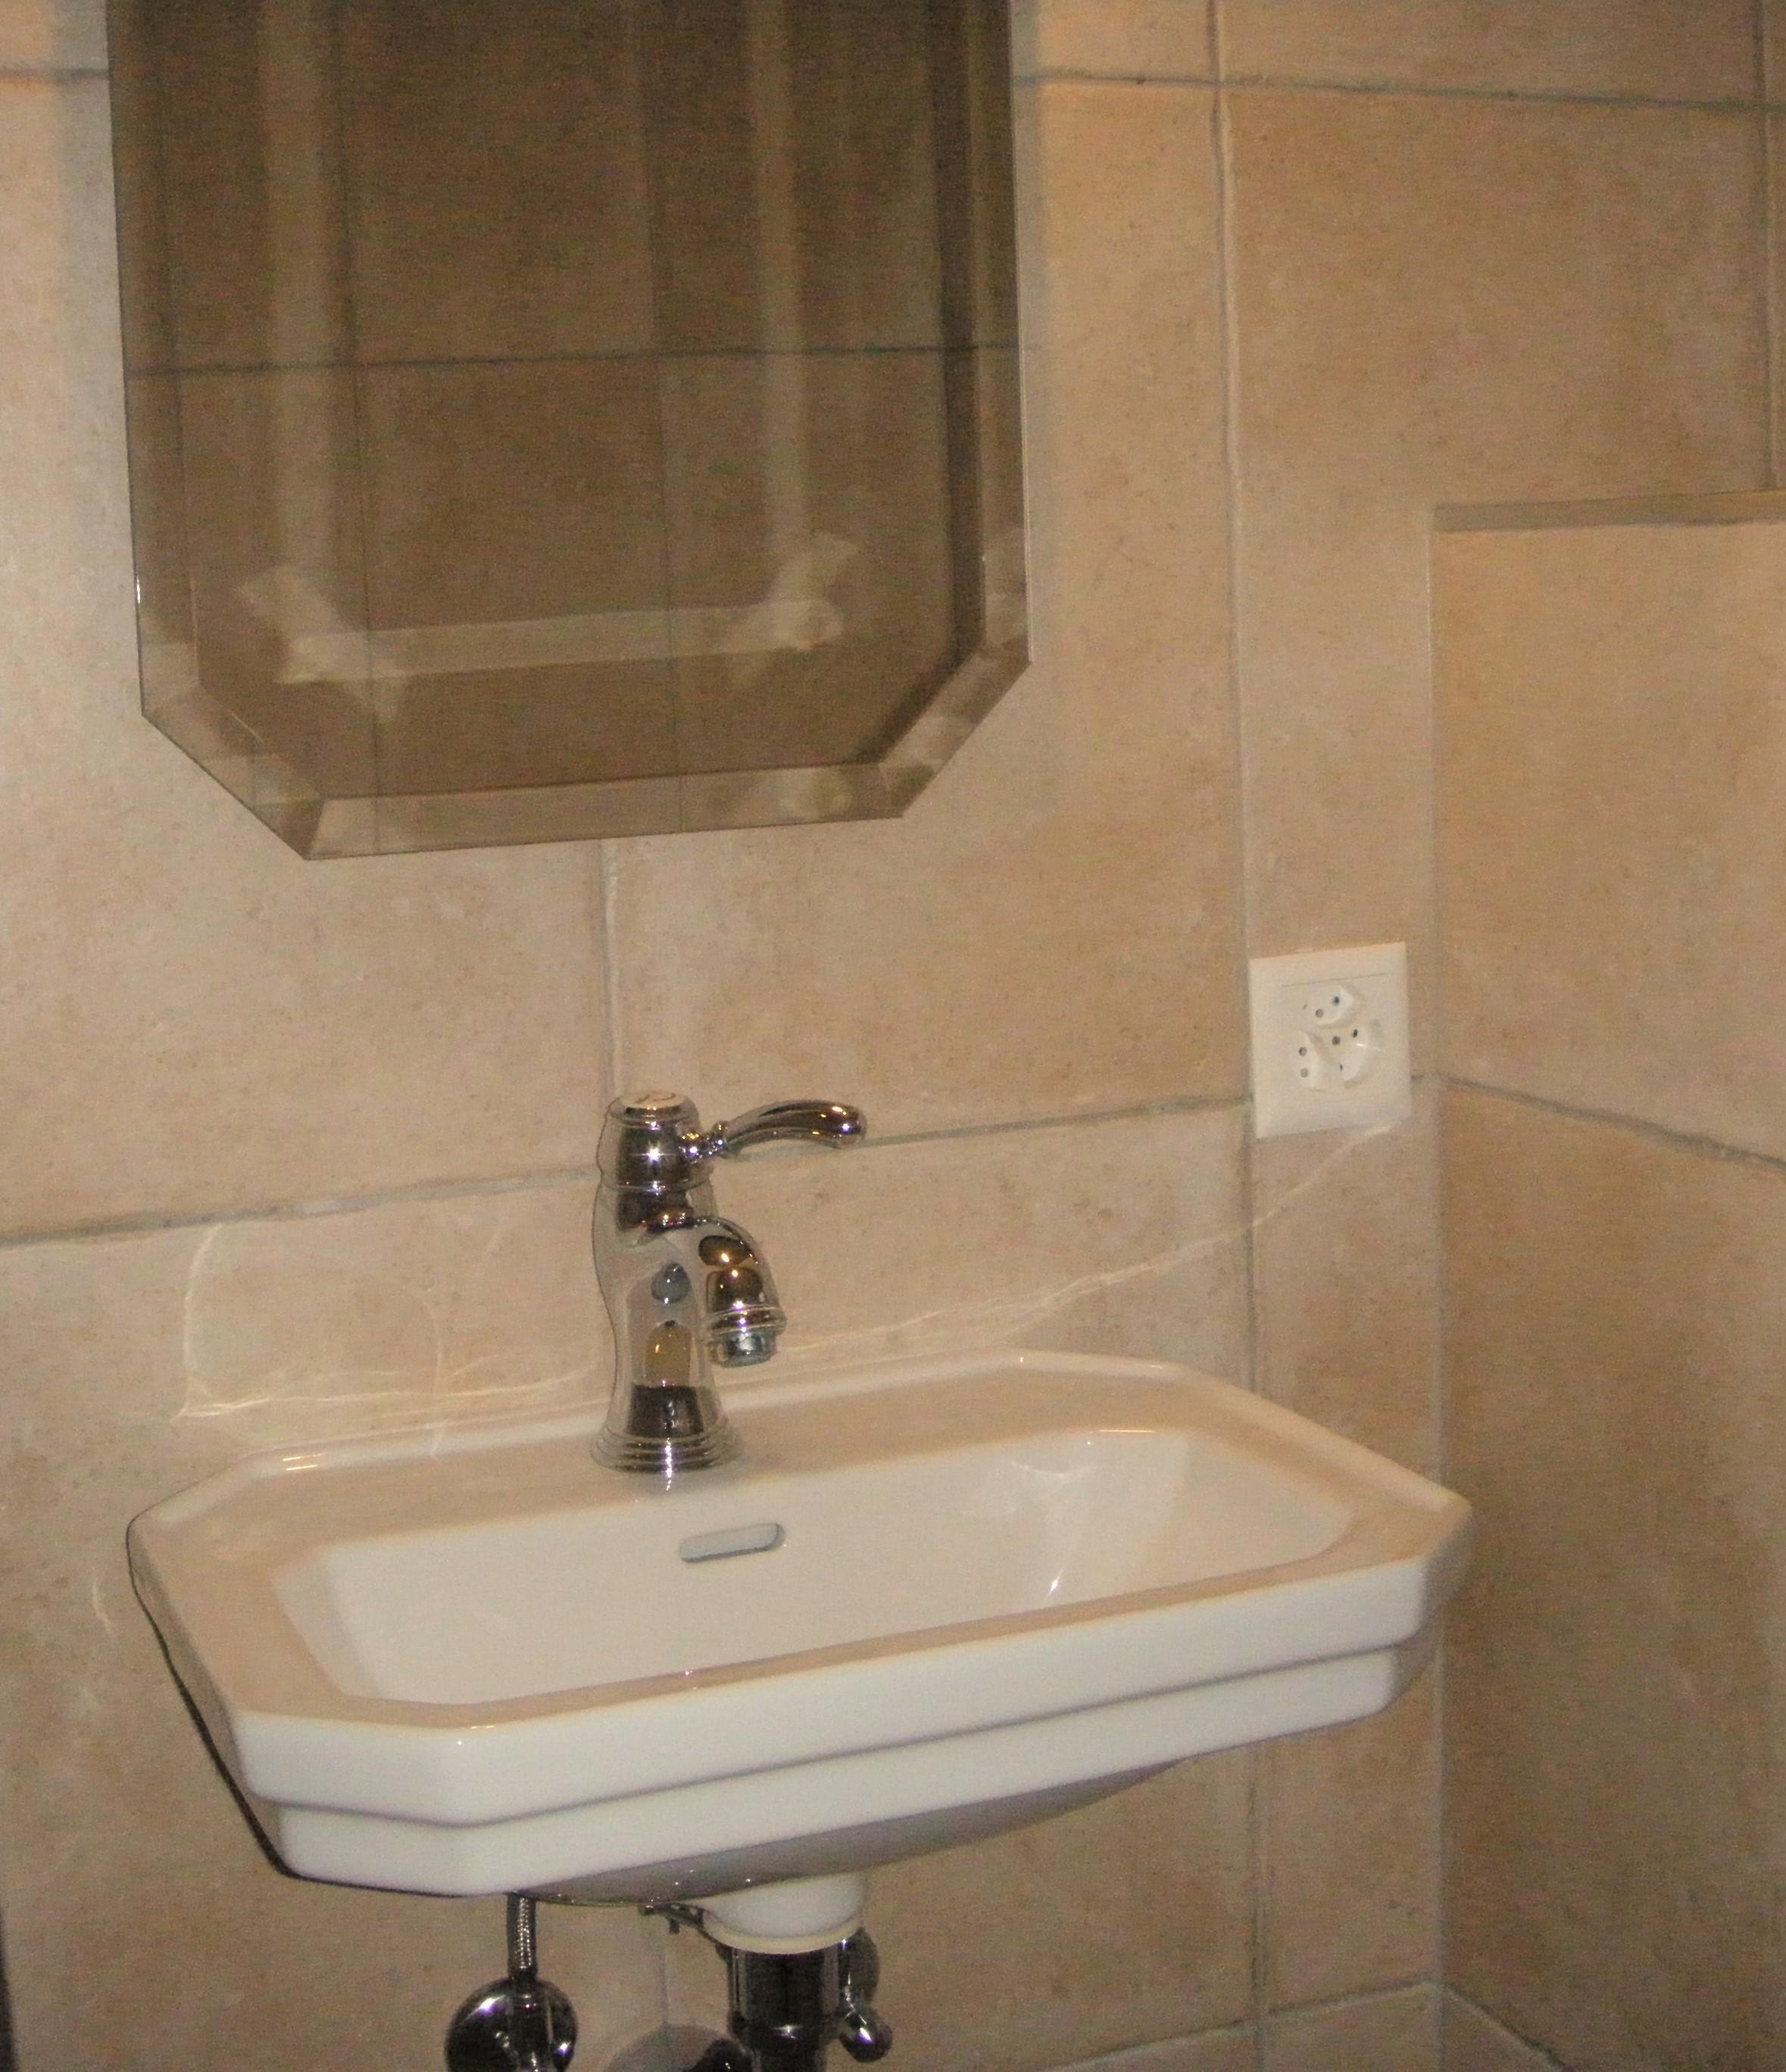 bathroom sink cropped.jpg